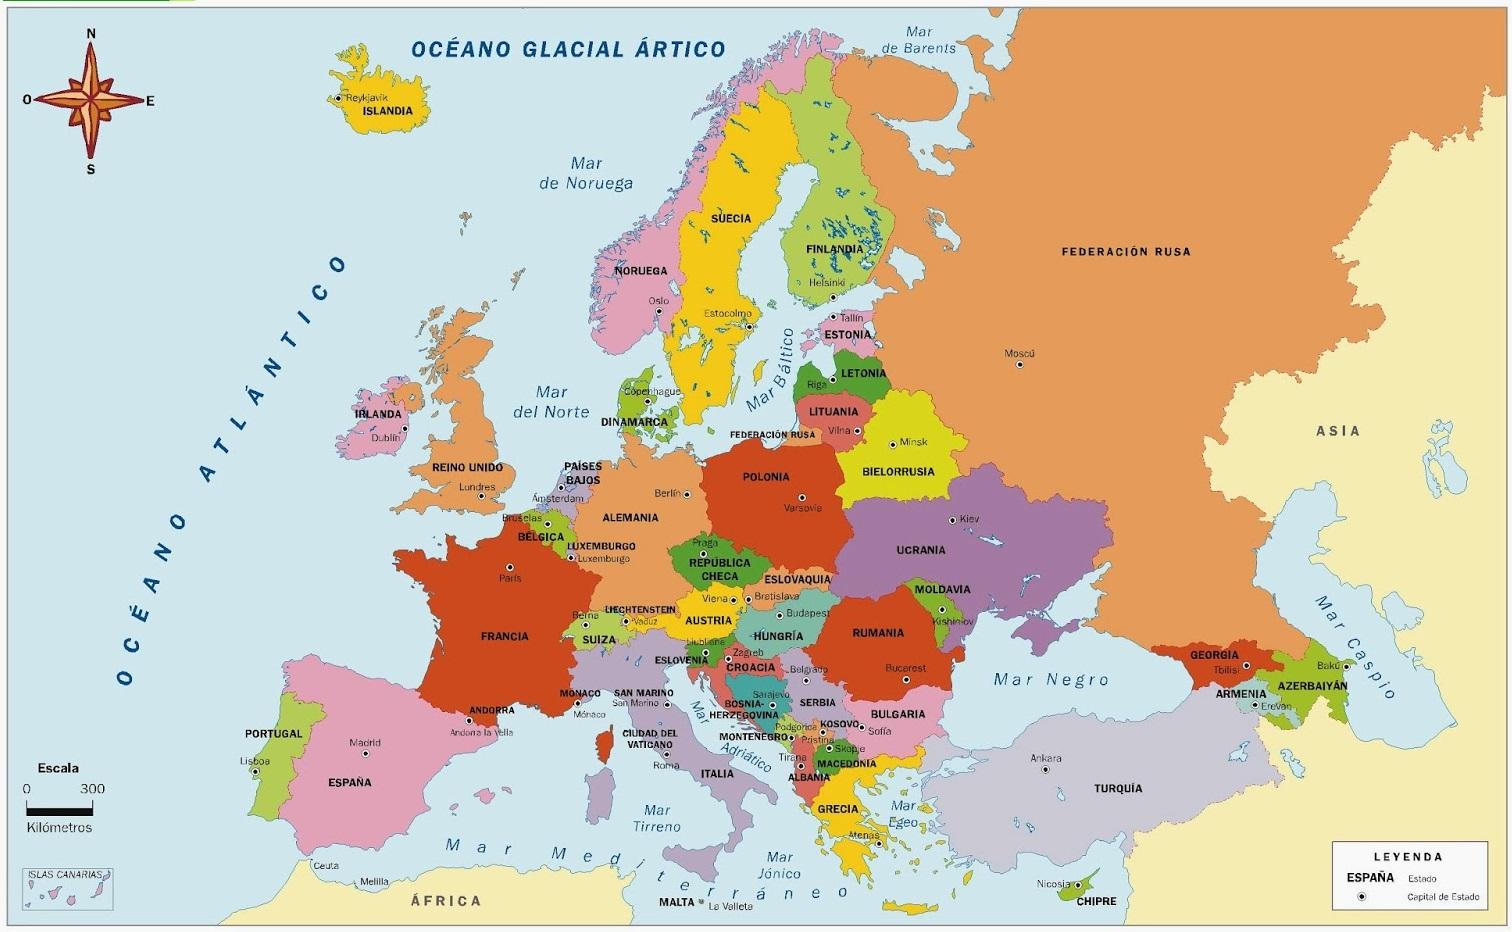 Mapa De Europa Paises Y Capitales En Español.Mapa De Europa Para Imprimir Politico Fisico 2019